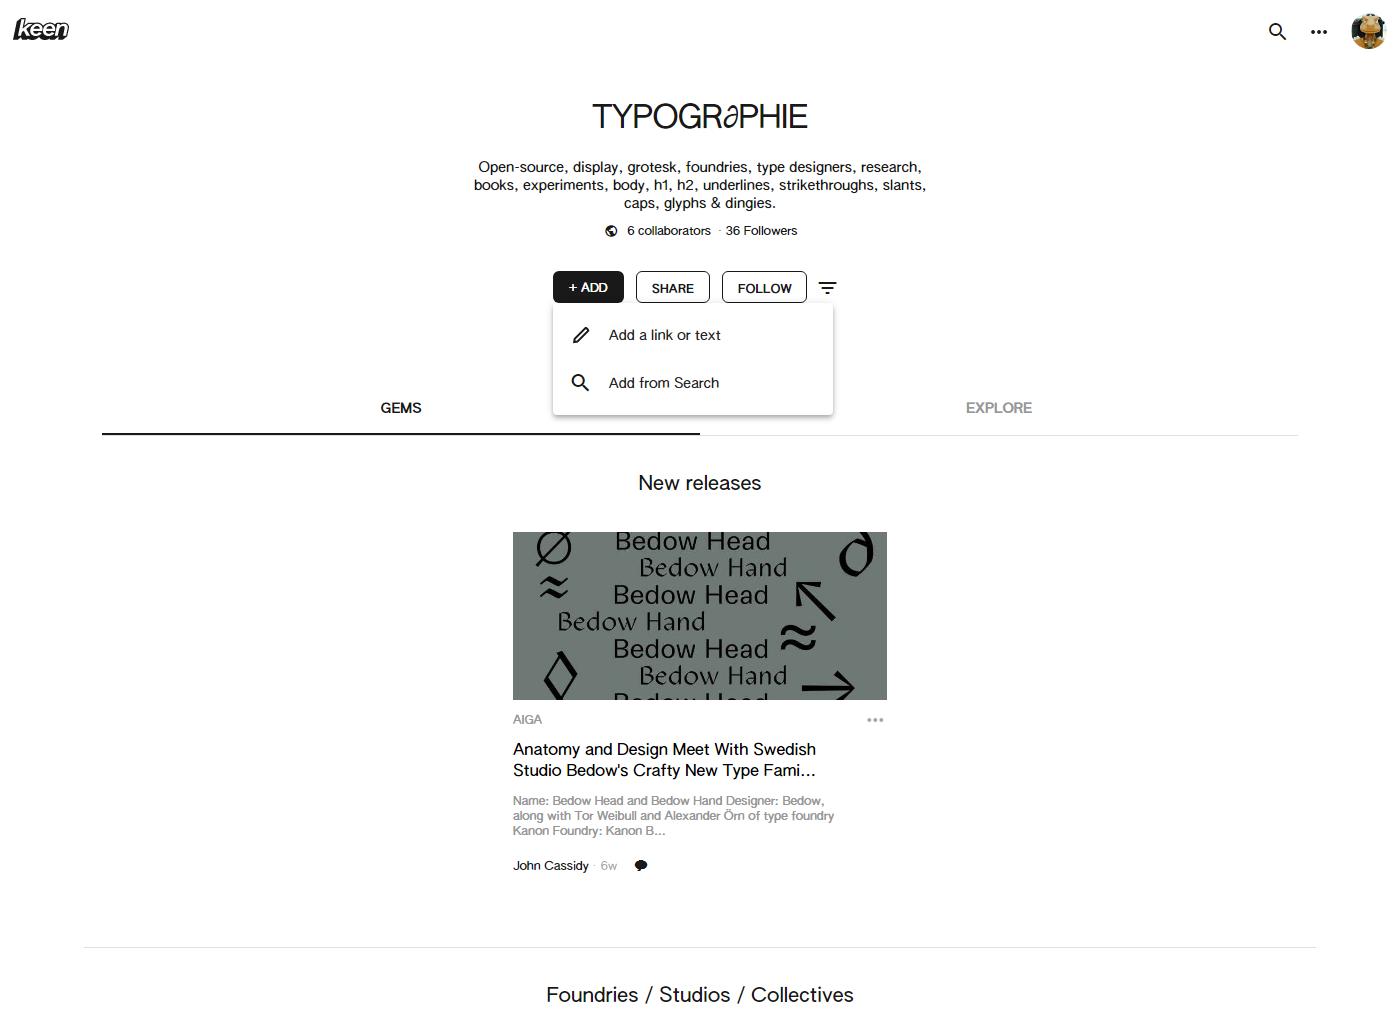 Keen 網站介面簡潔,一如 Google 風格。